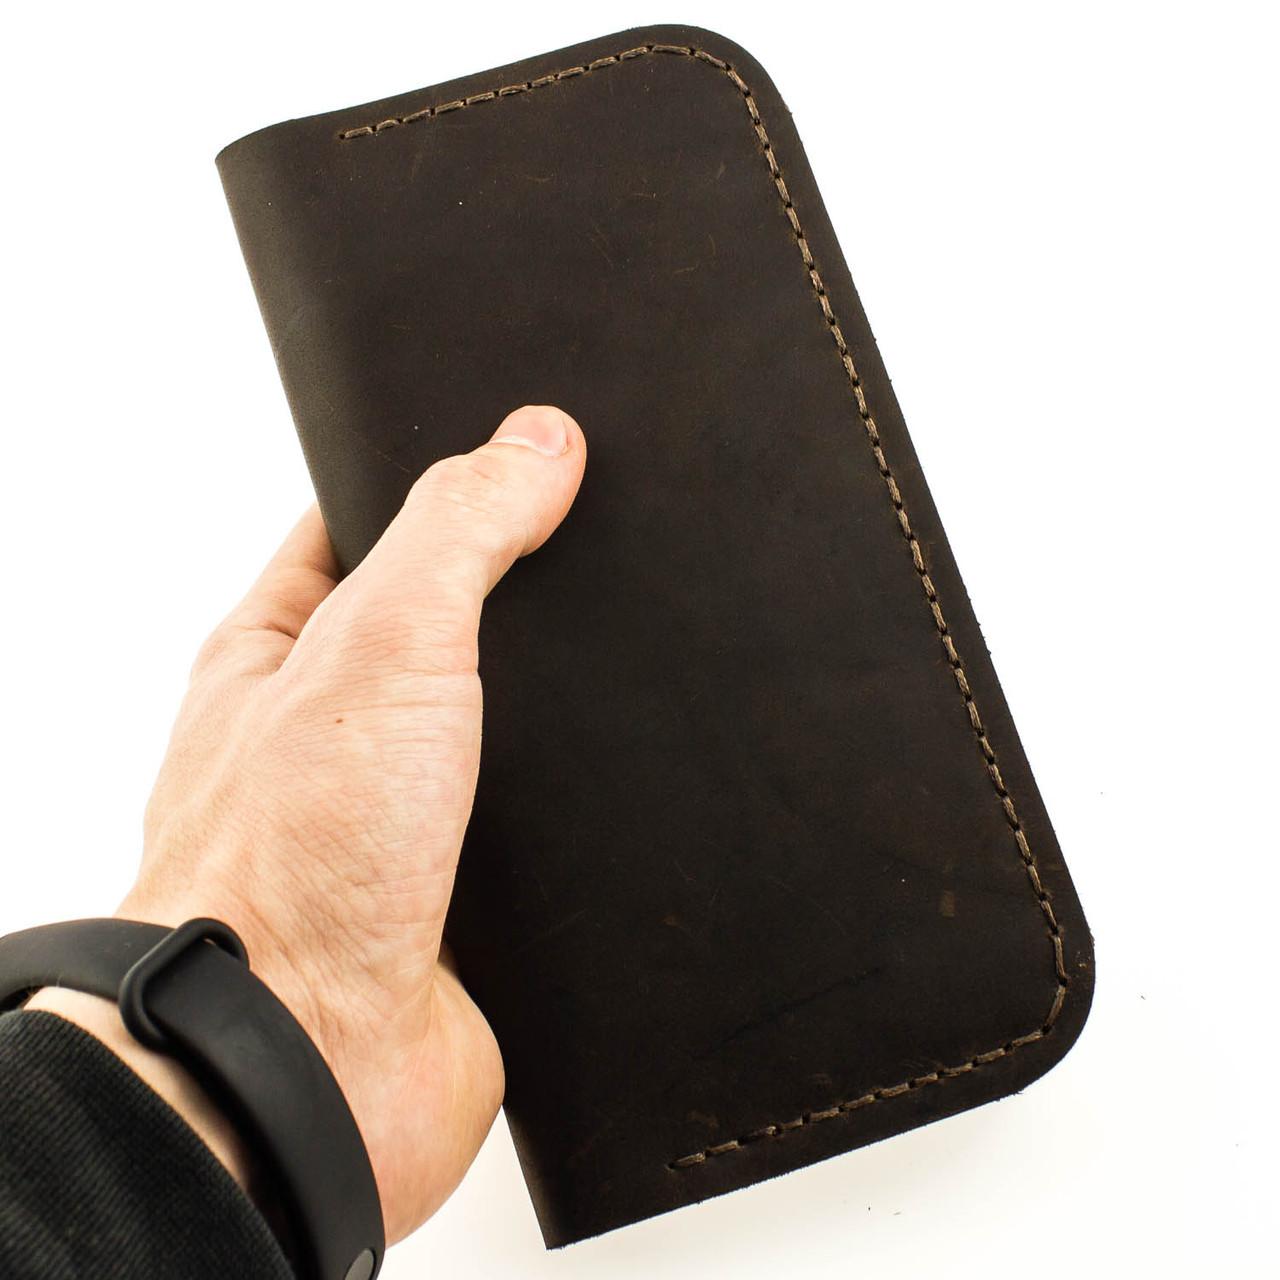 0a2c709ede72 Мужской кошелек портмоне из натуральной кожи ручной работы Revier  коричневый для денег и телефона - megastore